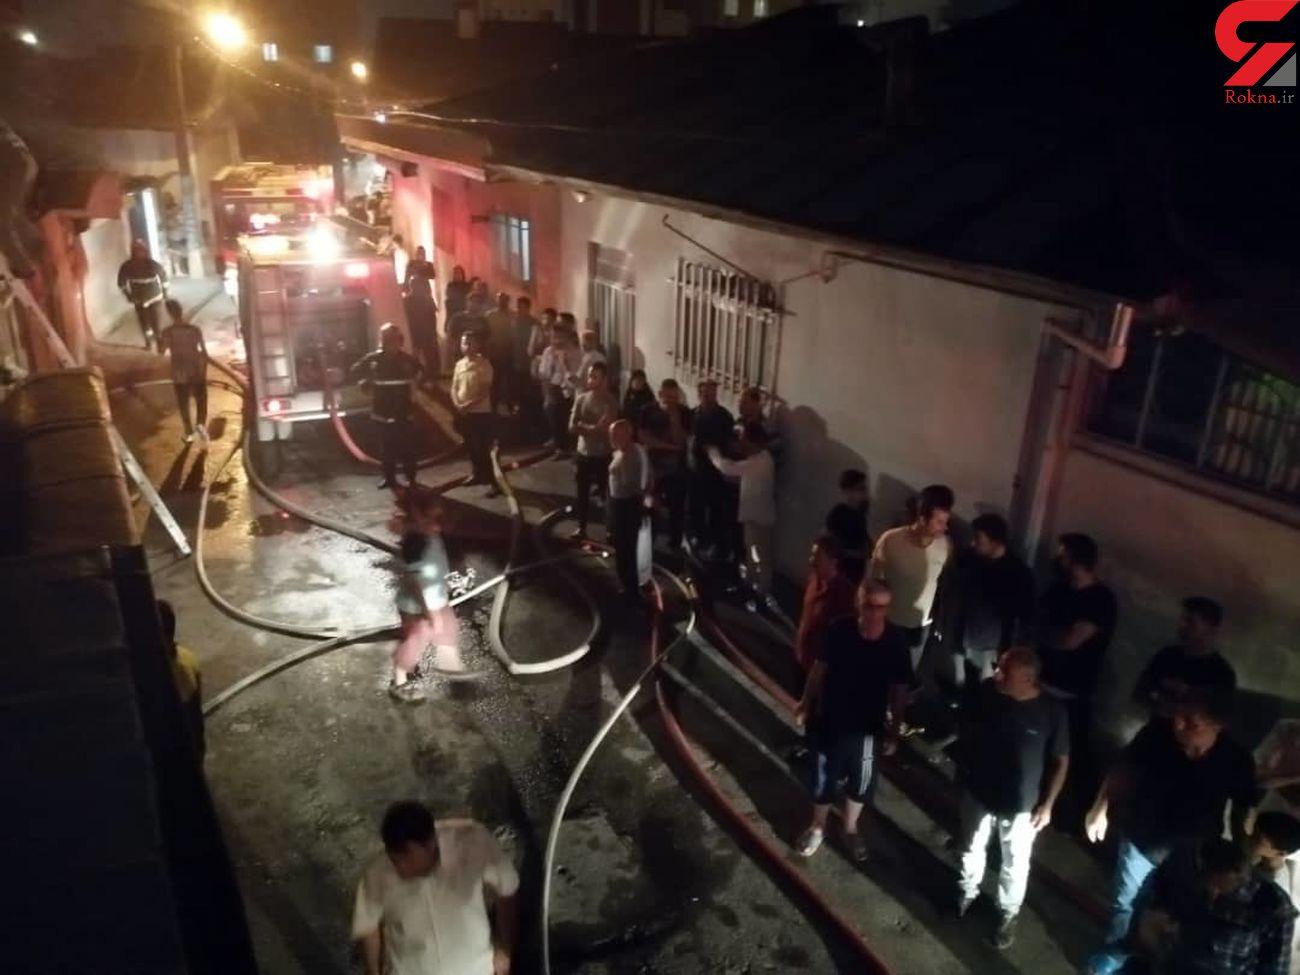 خانه های ویلایی در آتش سوختند/به همراه عکس